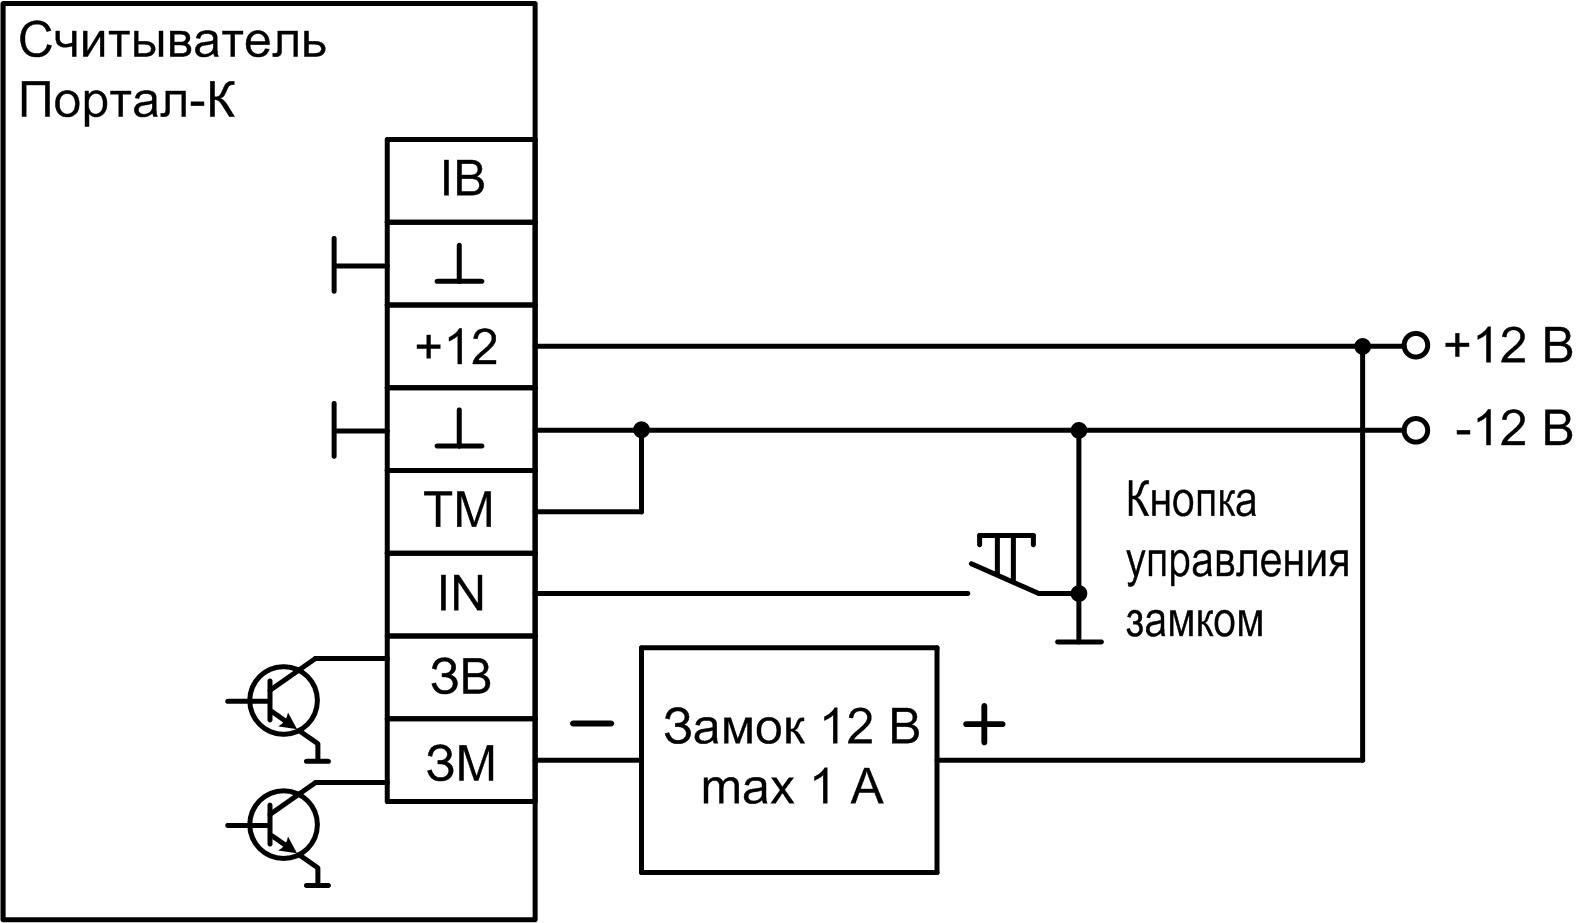 схема подключения считователя